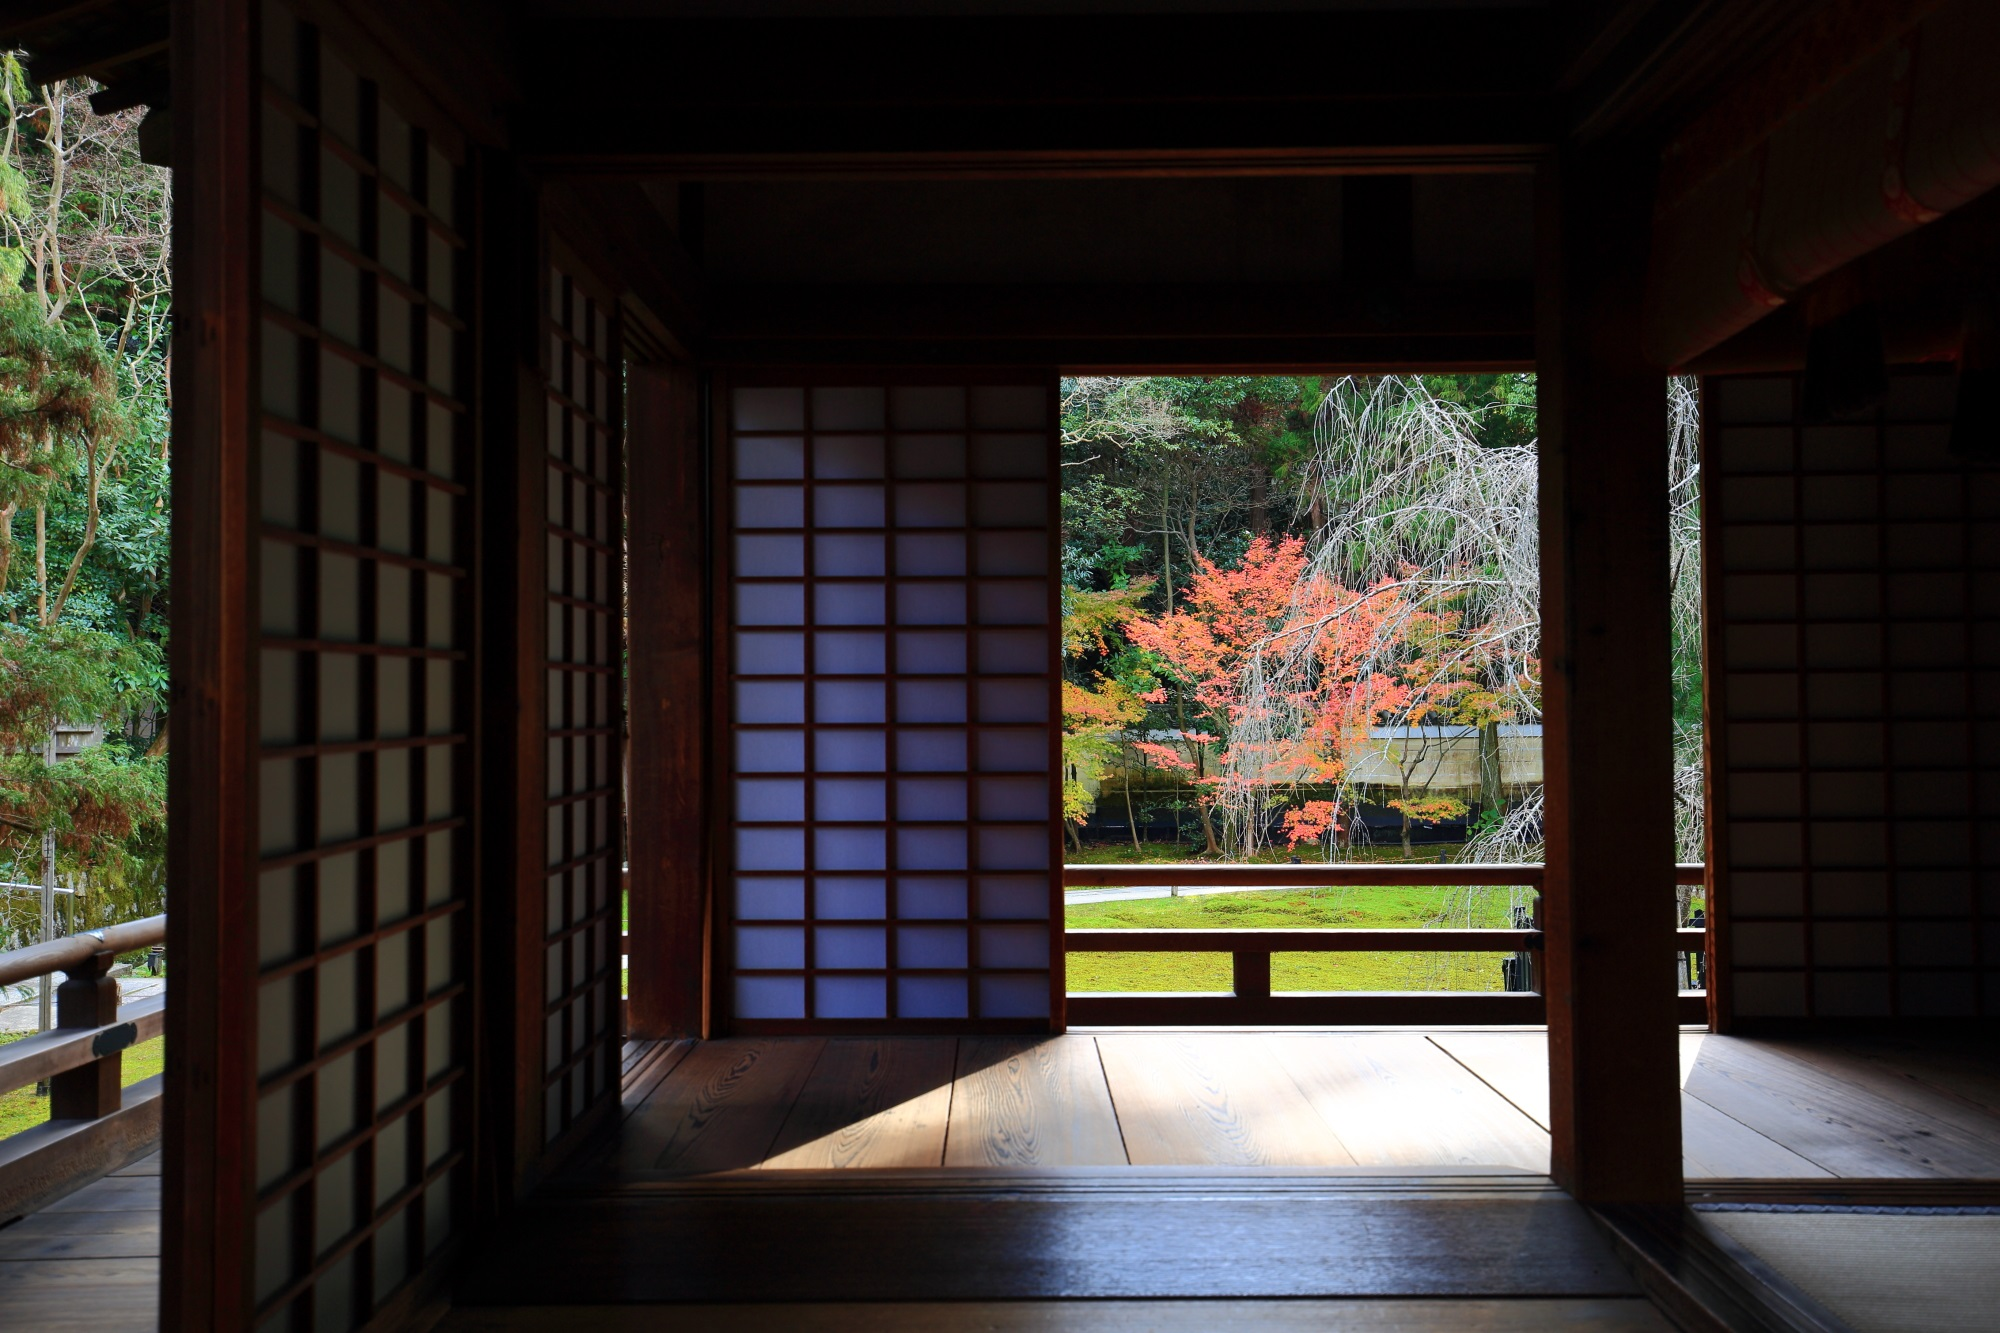 もみじの名所の青蓮院の宸殿から眺めた紅葉